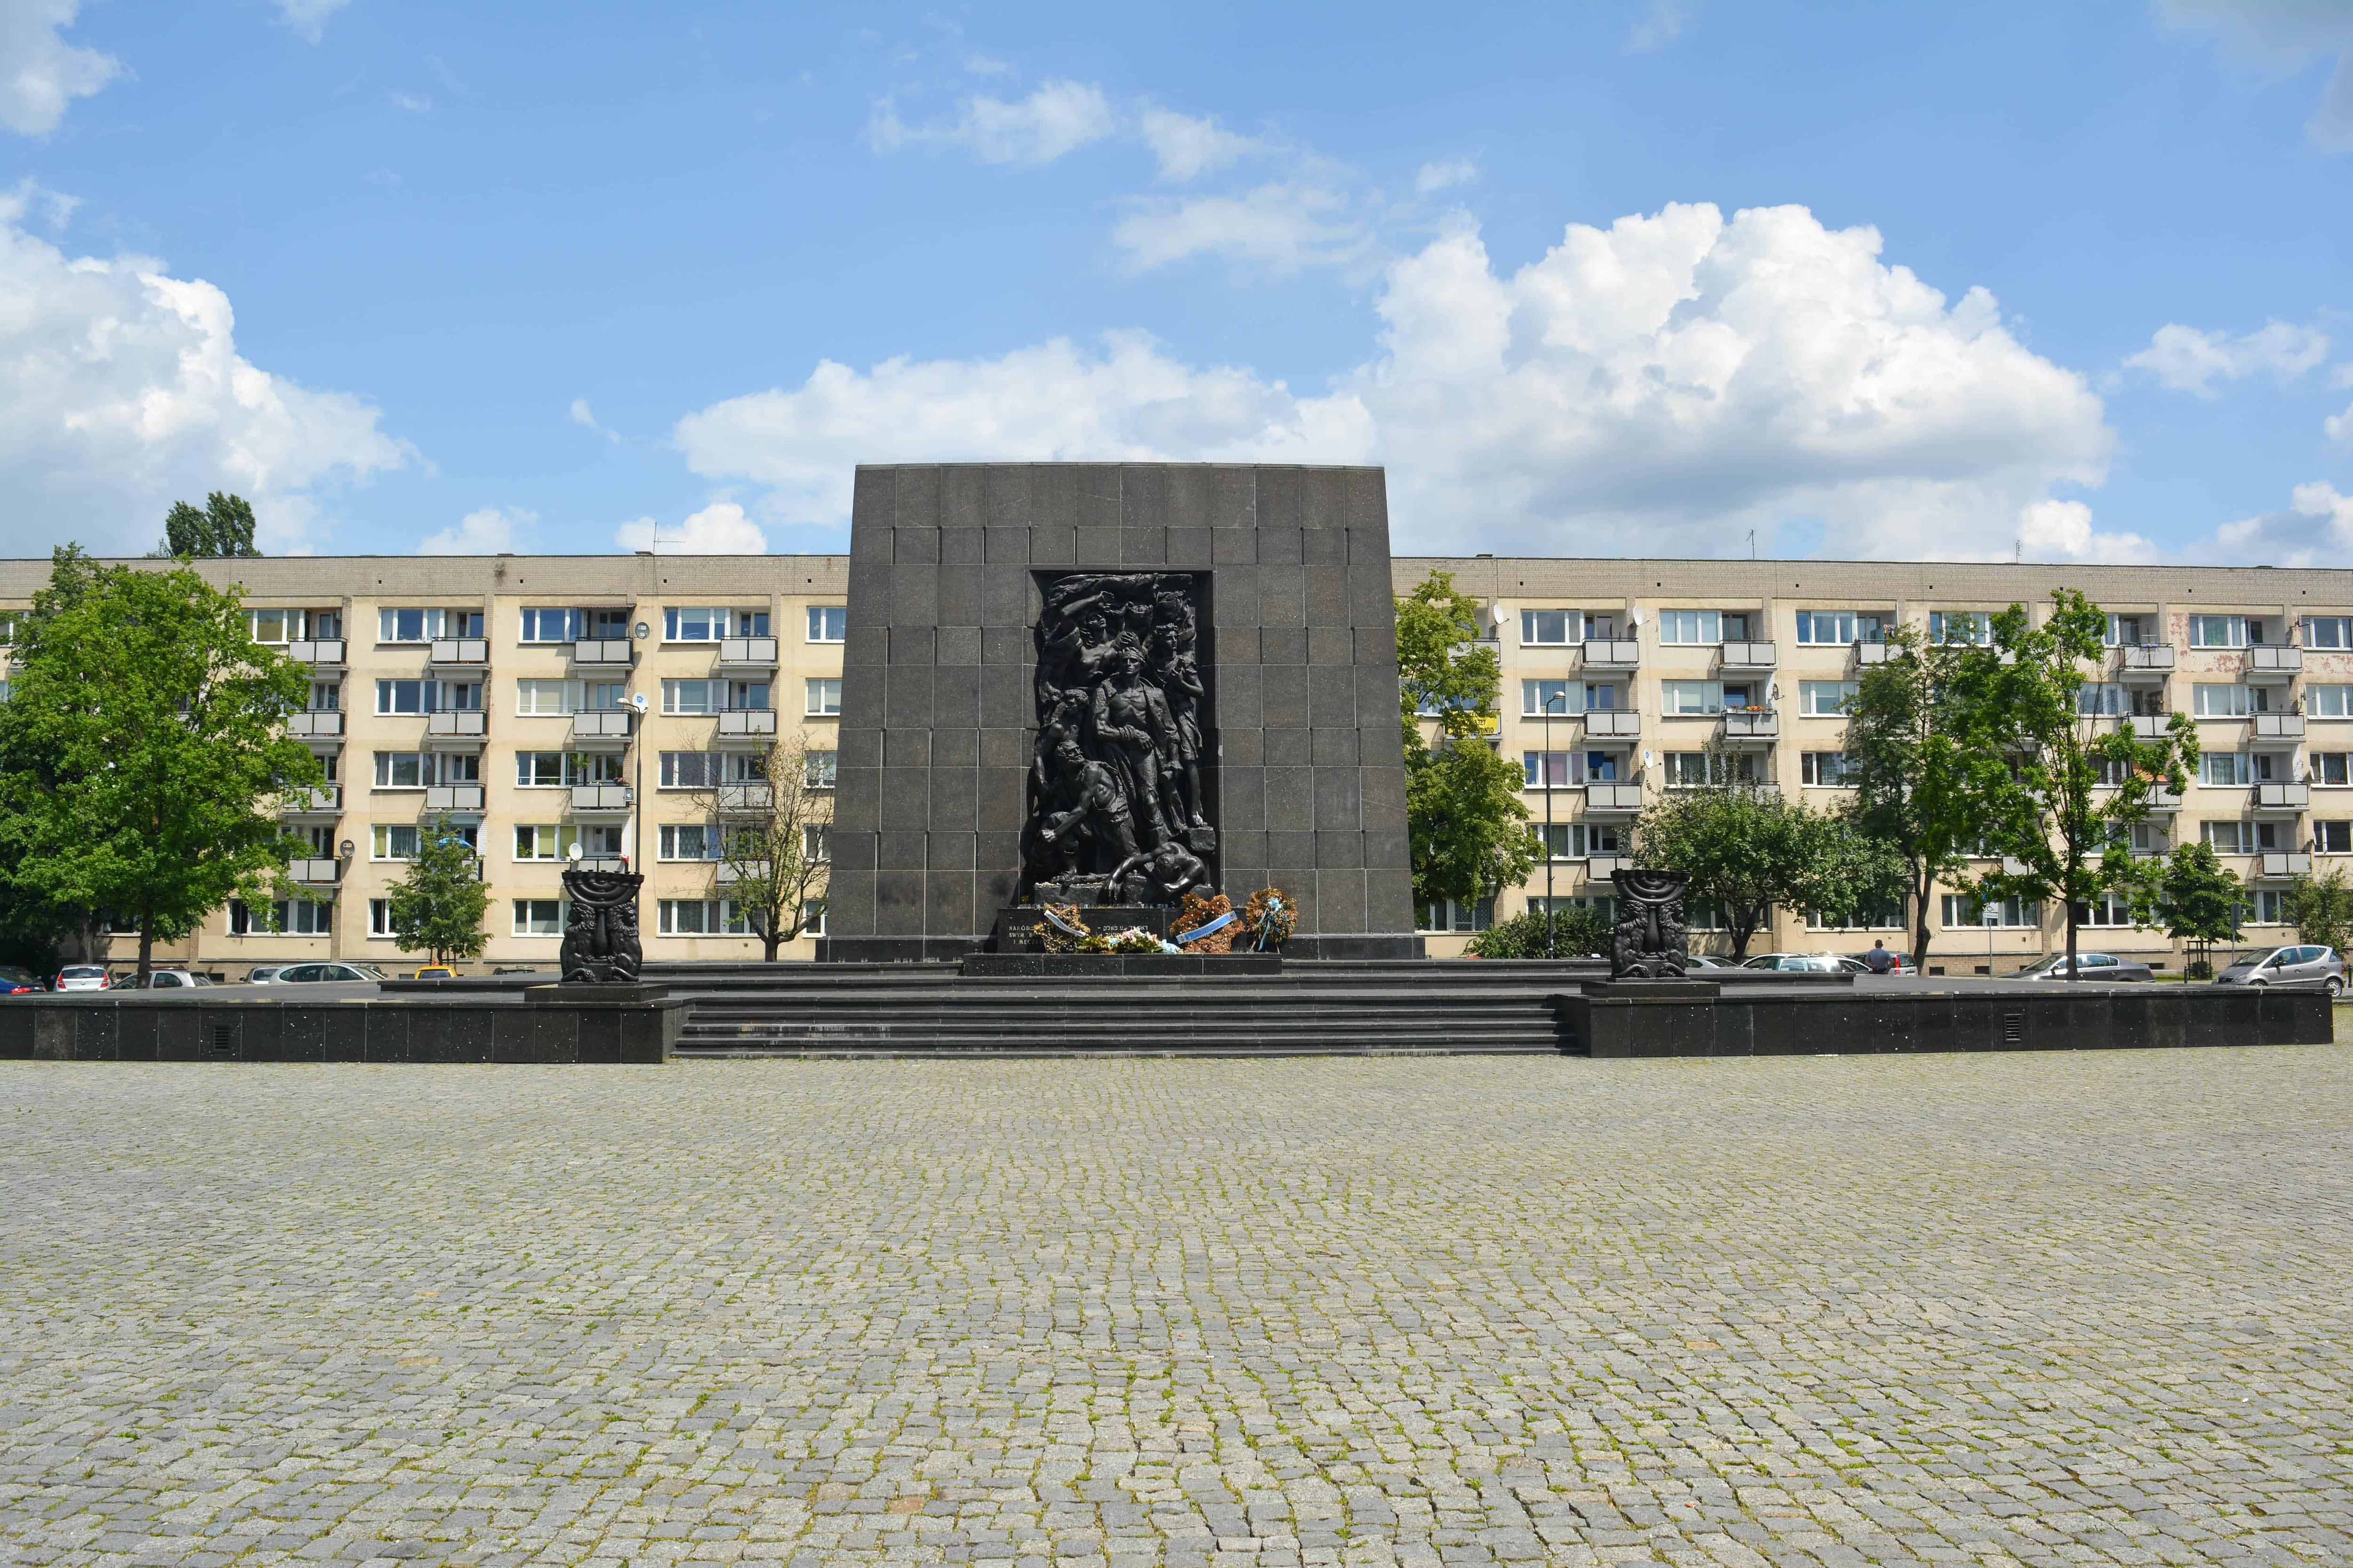 Monumento a los Héroes del Gueto de Varsovia